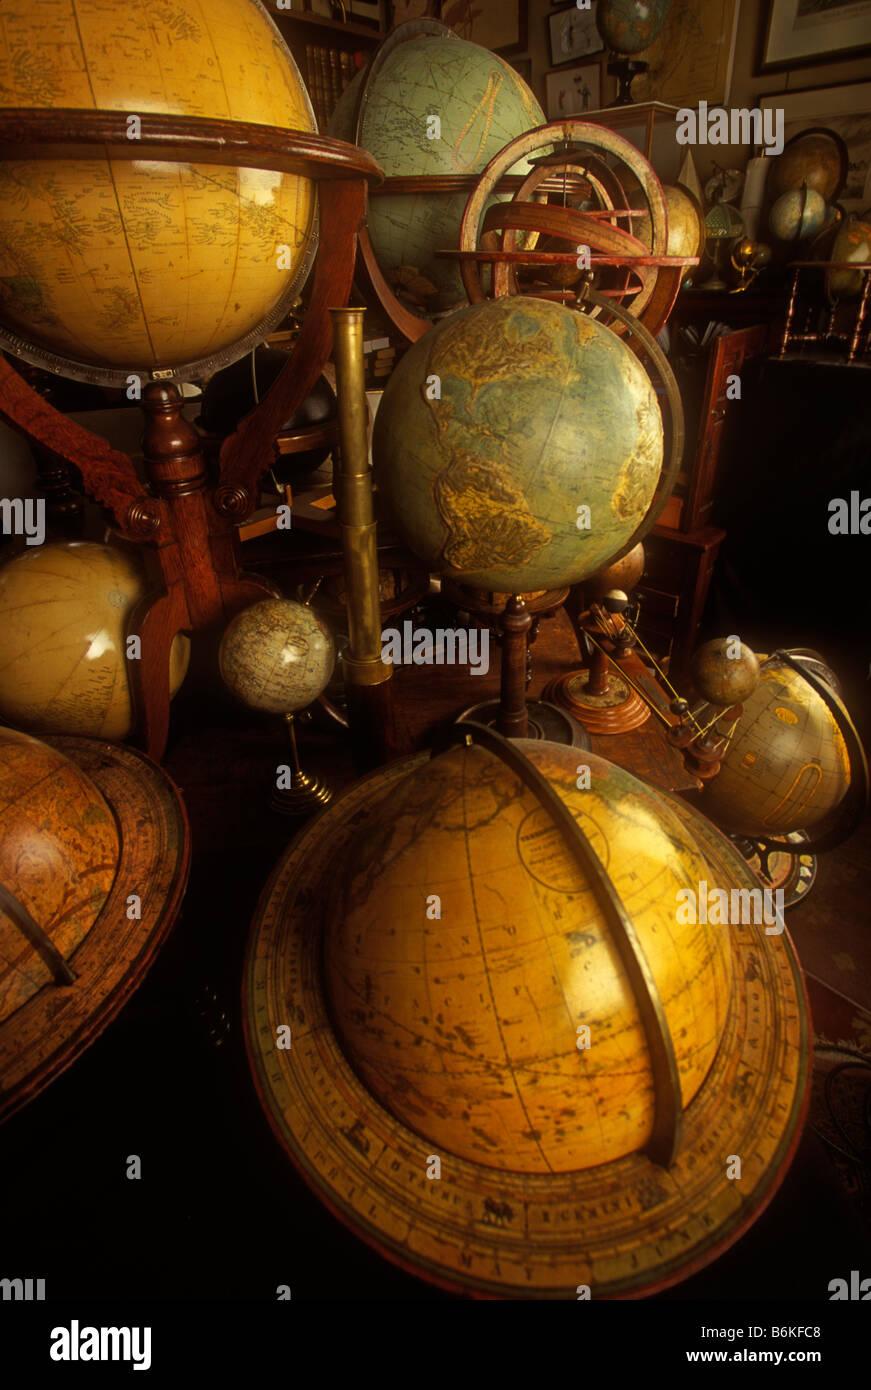 La cartographie mondiale de la vie toujours globes cartes informations plus d'une Photo Stock